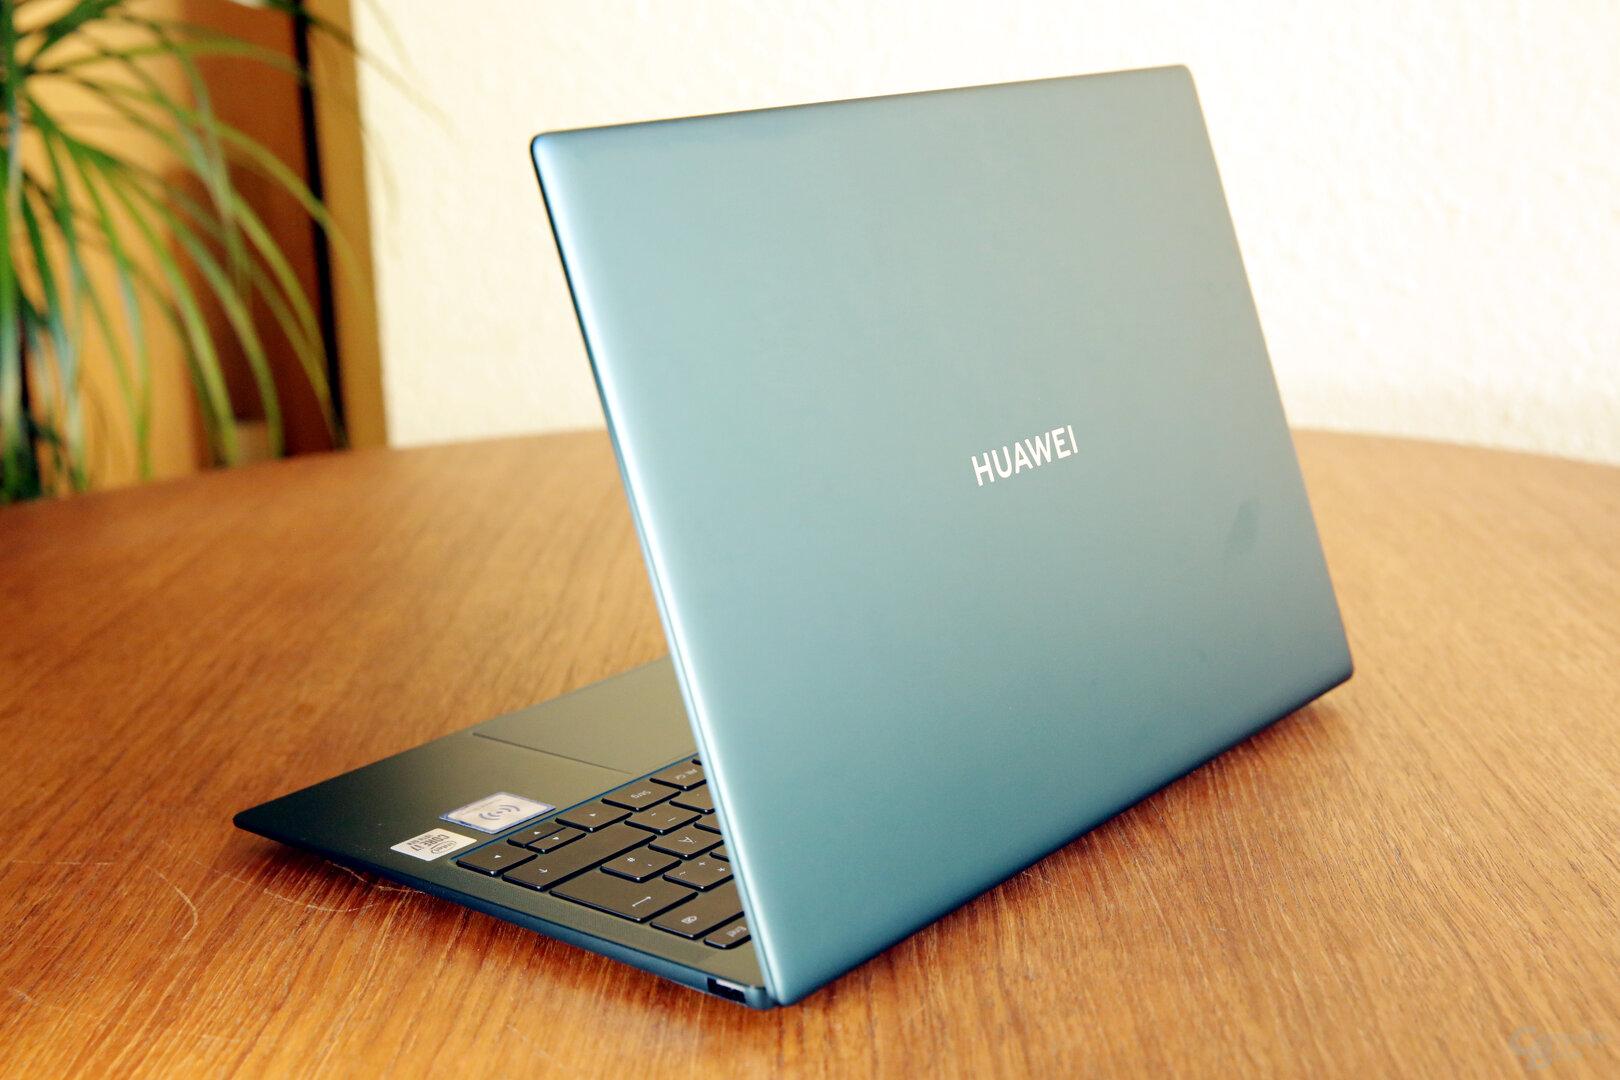 MateBook X Pro in neuer Gehäusefarbe Emerald Green